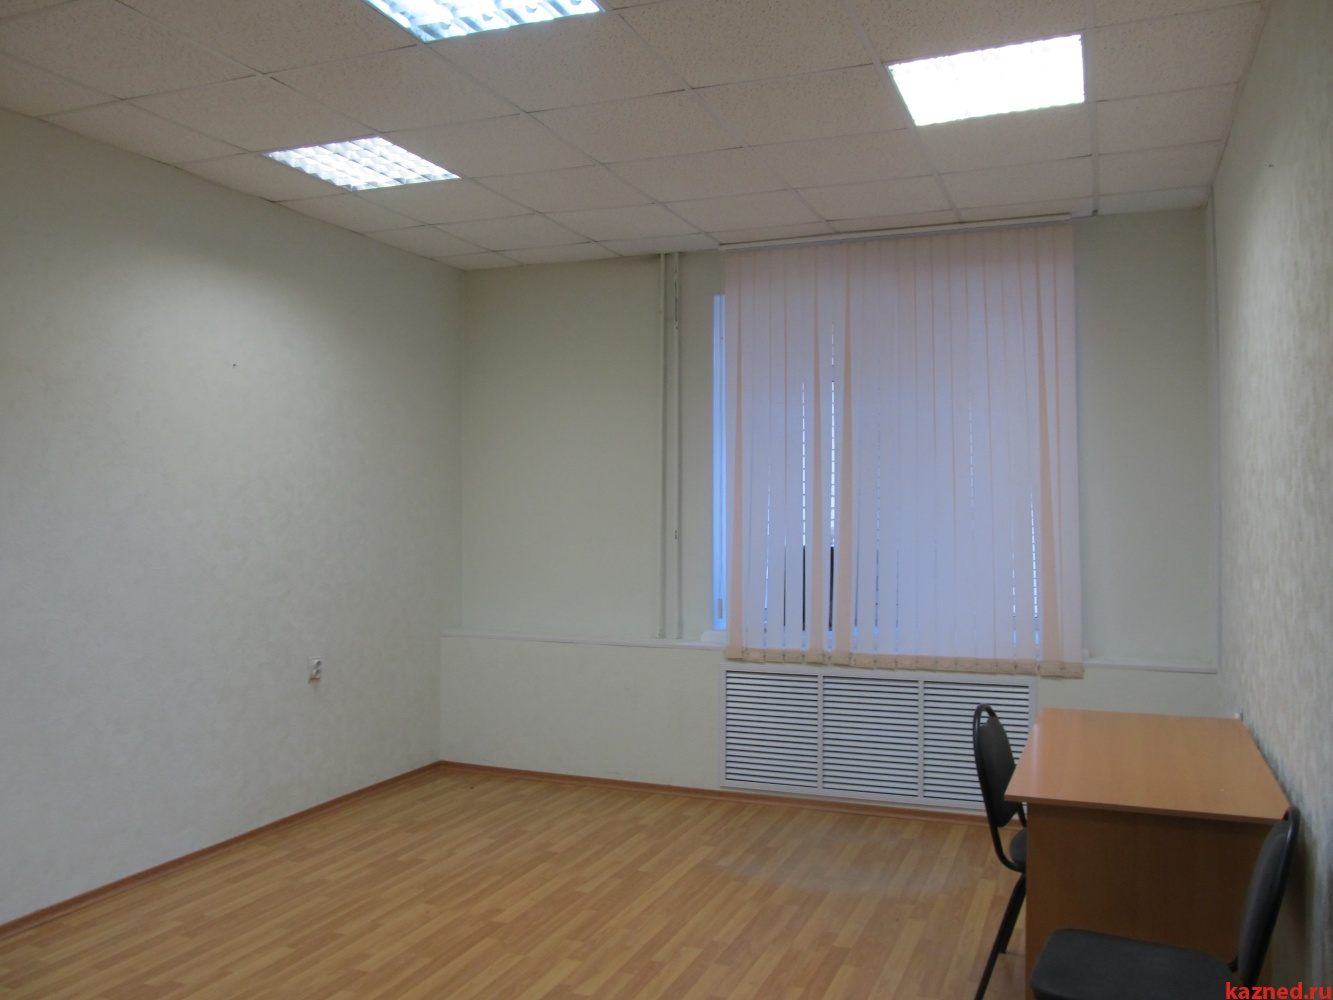 Офисное помещение 95,2 м2 в центре города. Напротив Suvar Plaza. (миниатюра №7)